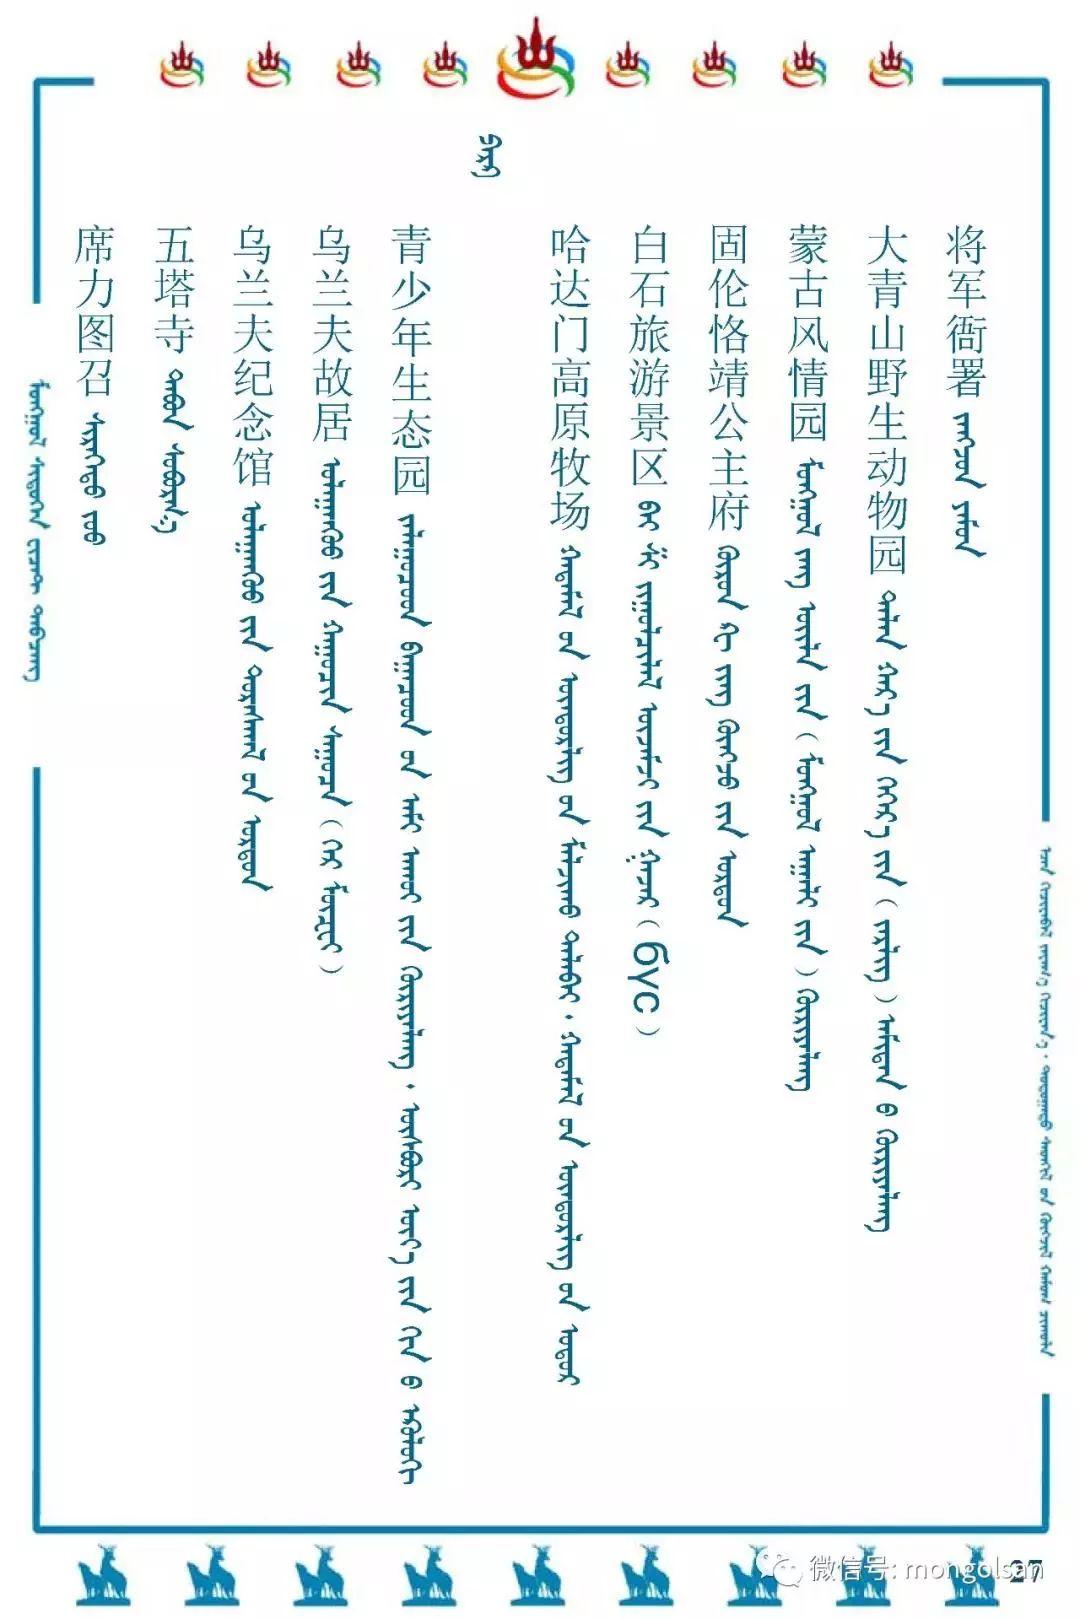 最新名词蒙古语翻译参考 第27张